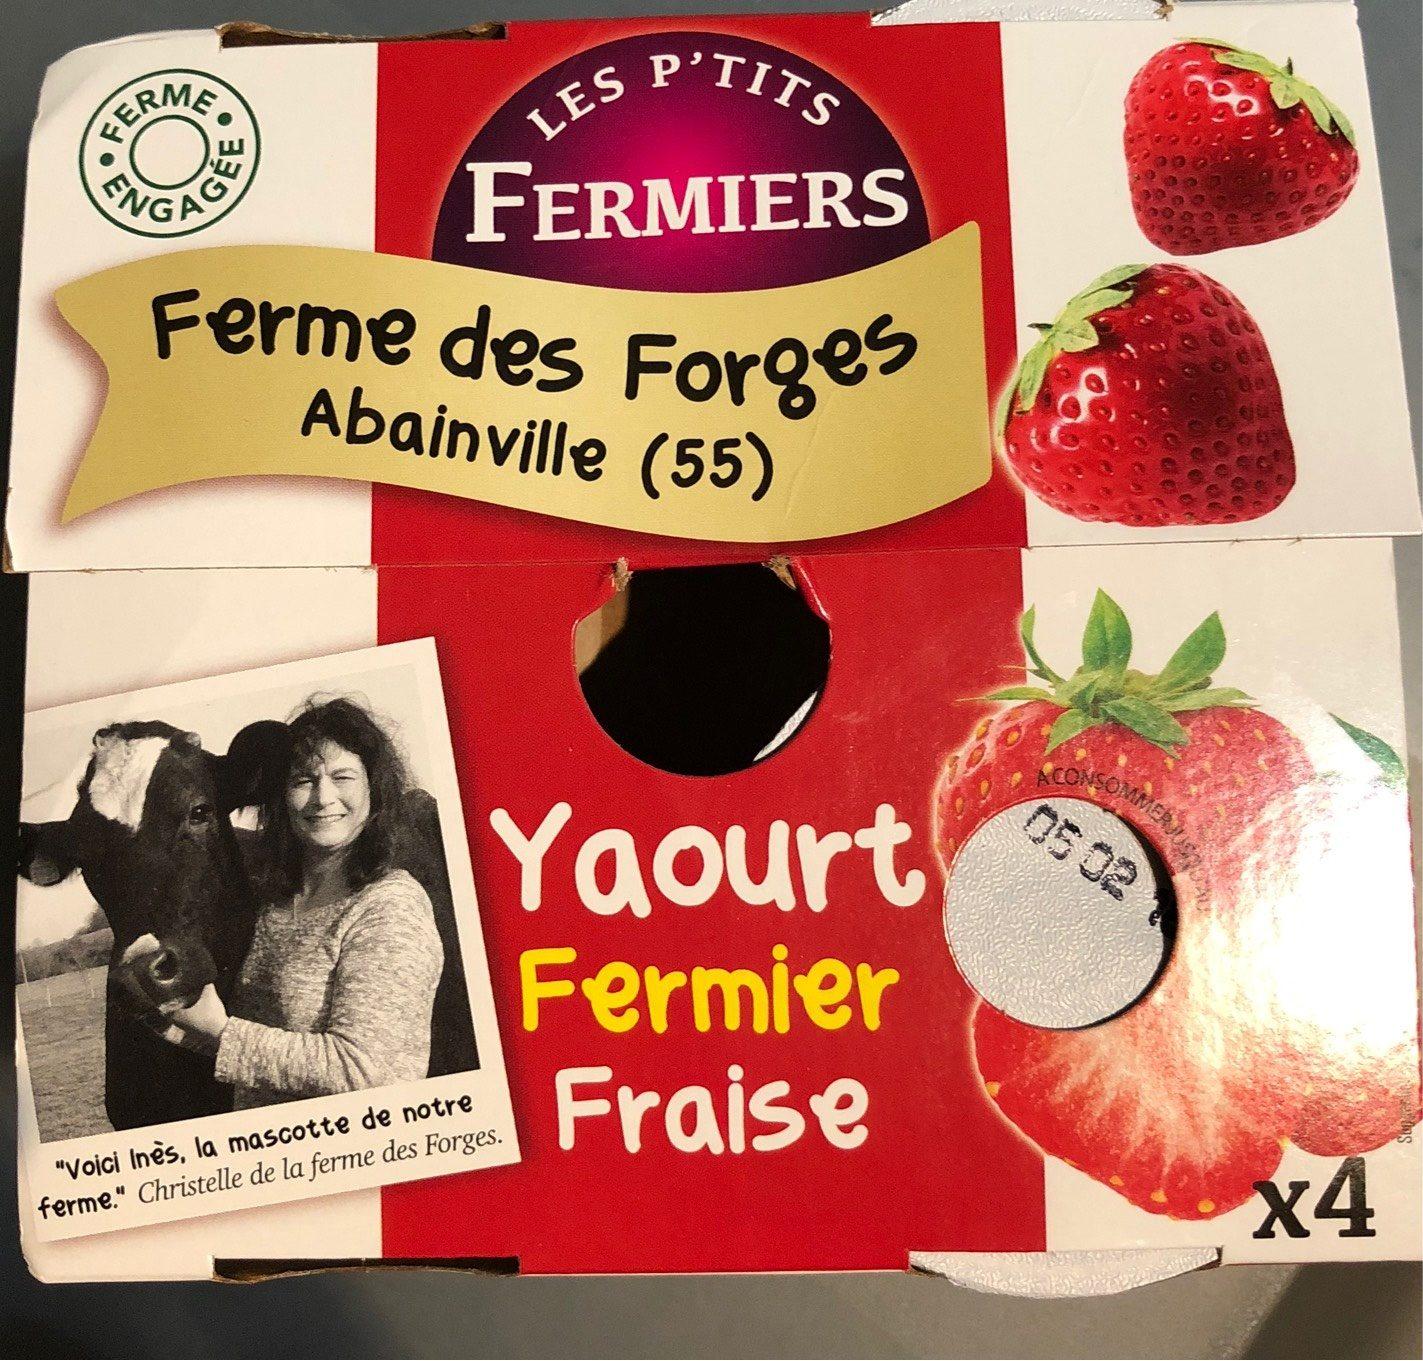 Yaourt fermier fraise - Product - fr